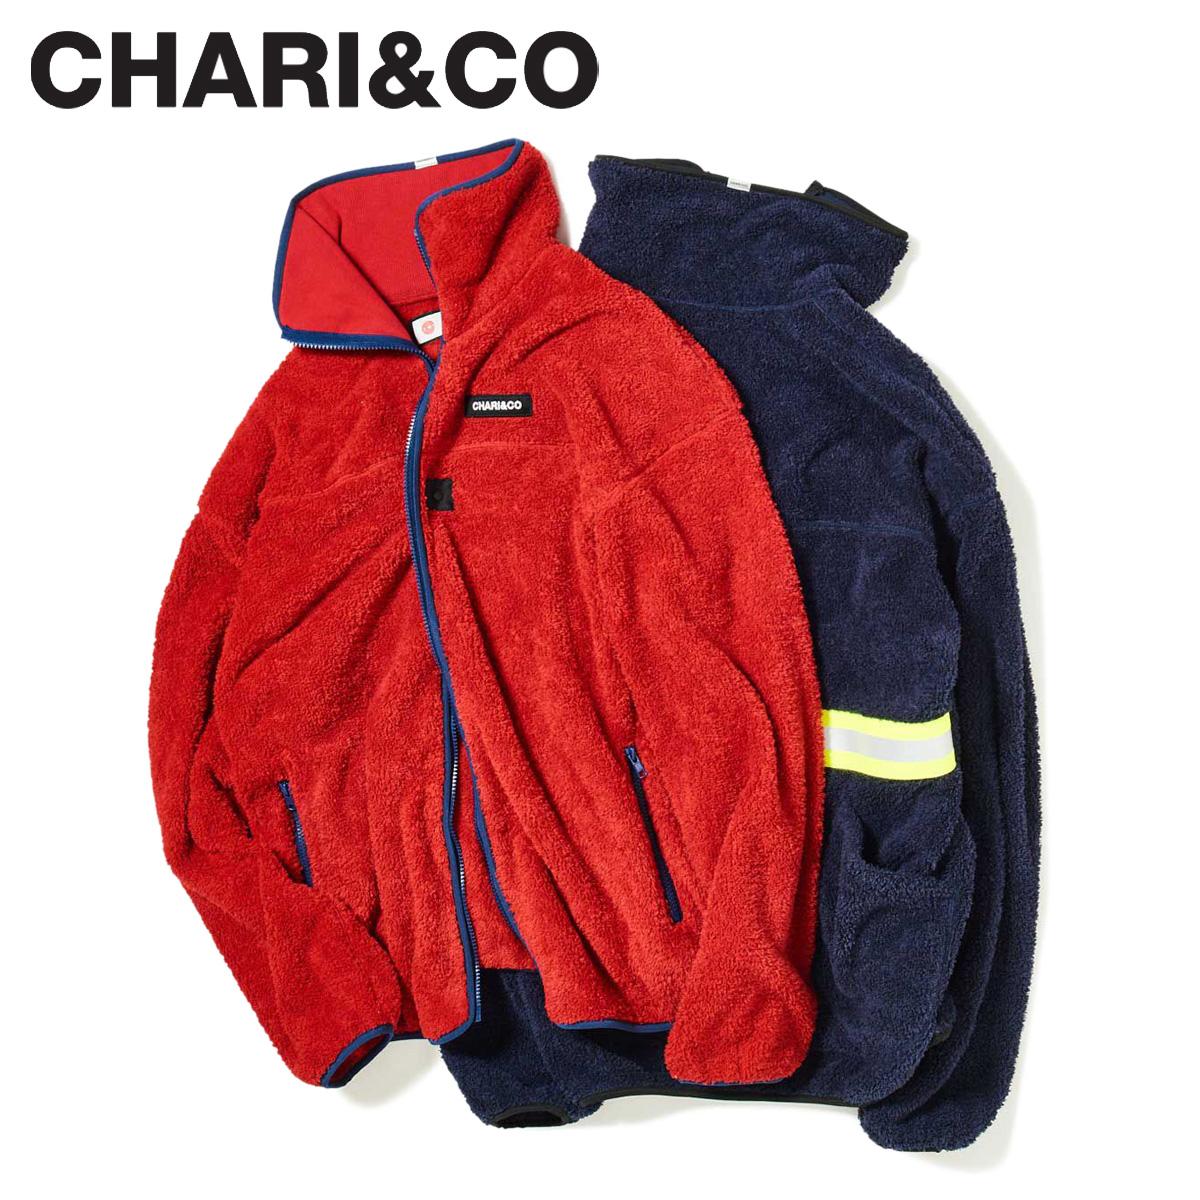 【最大2000円OFFクーポン】 CHARI&CO チャリアンドコー ジャケット フリースジャケット メンズ SAFETYGUARD FLEECE JKT ネイビー レッド